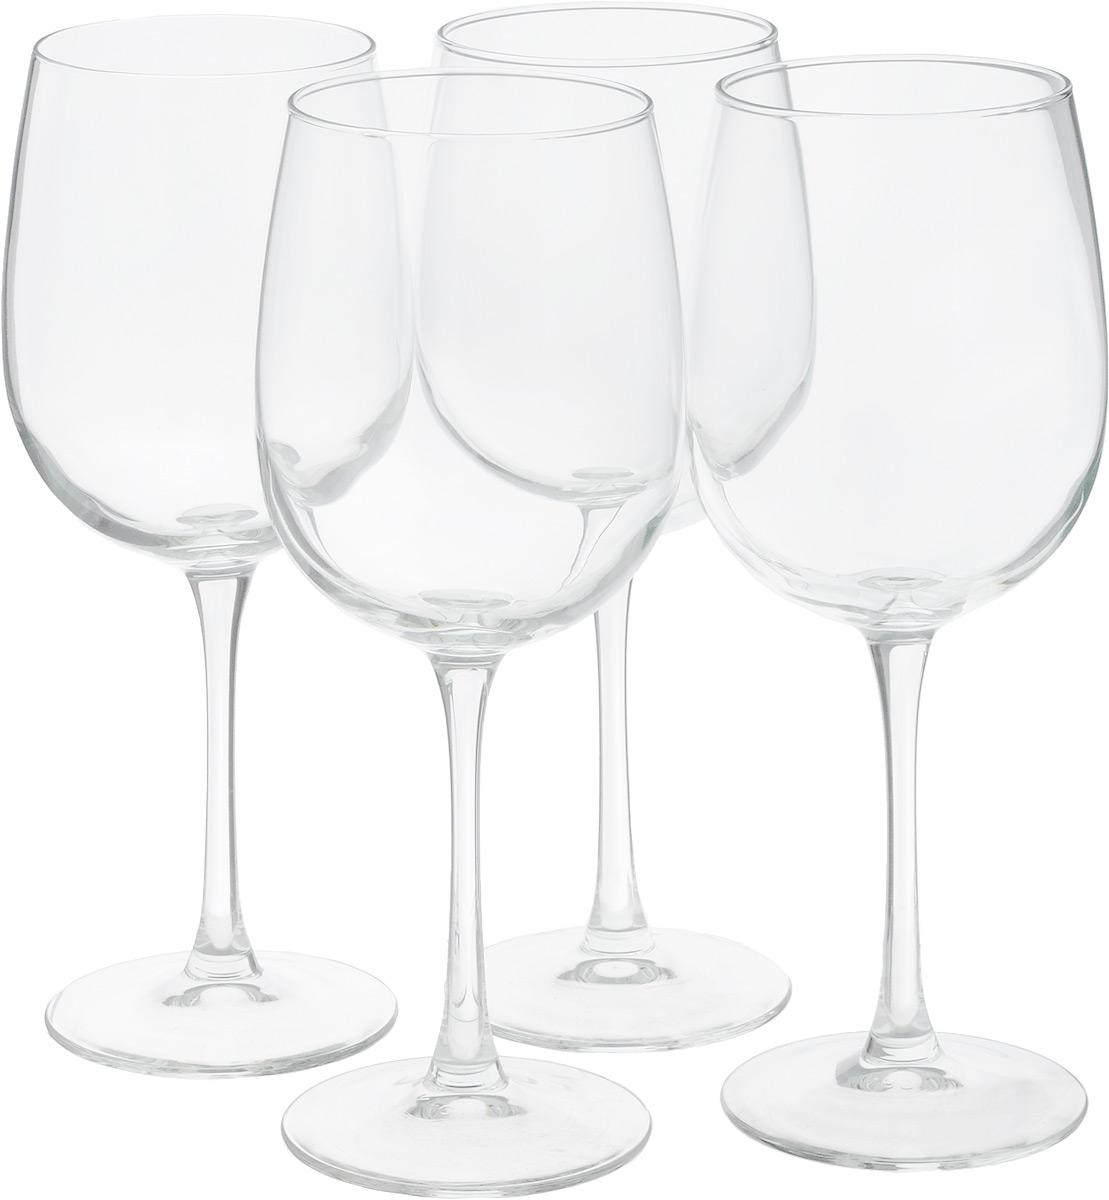 Набор фужеров для вина Luminarc Allegresse, 550 мл, 4 штART 89523Набор Luminarc Allegresse состоит из четырех фужеров, выполненных из прочного стекла. Изделия оснащены высокими ножками. Фужеры предназначены для подачи вина. Набор фужеров Luminarc Allegresse прекрасно оформит праздничный стол и создаст приятную атмосферу за романтическим ужином. Такой набор также станет хорошим подарком к любому случаю. Можно мыть в посудомоечной машине.Диаметр фужера (по верхнему краю): 7,5 см. Высота фужера: 23 см.